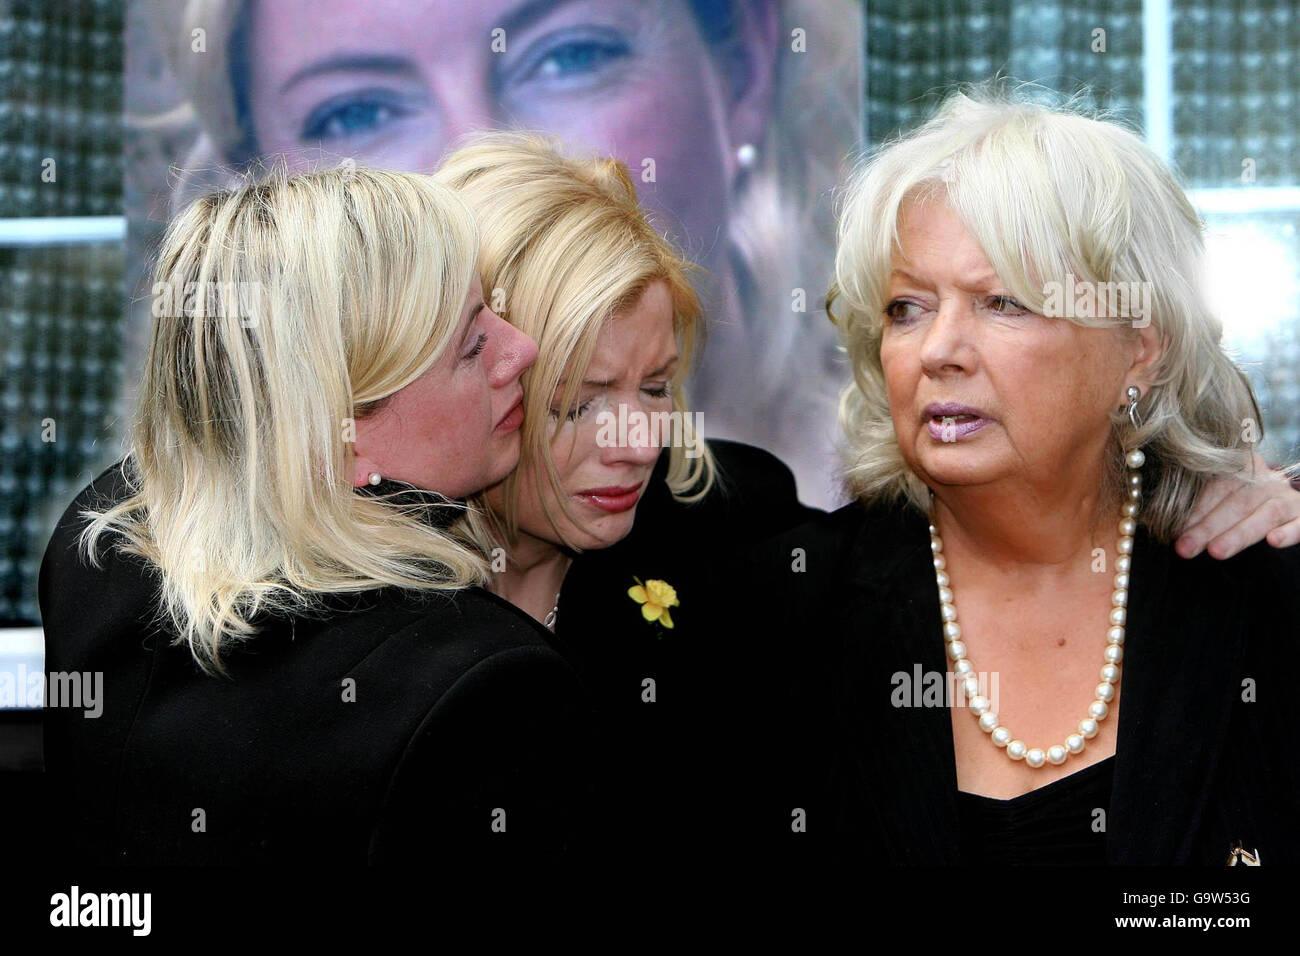 Mahnwache für die 126 Frauen gewaltsam getötet in Irland in den letzten zehn Jahren Stockbild